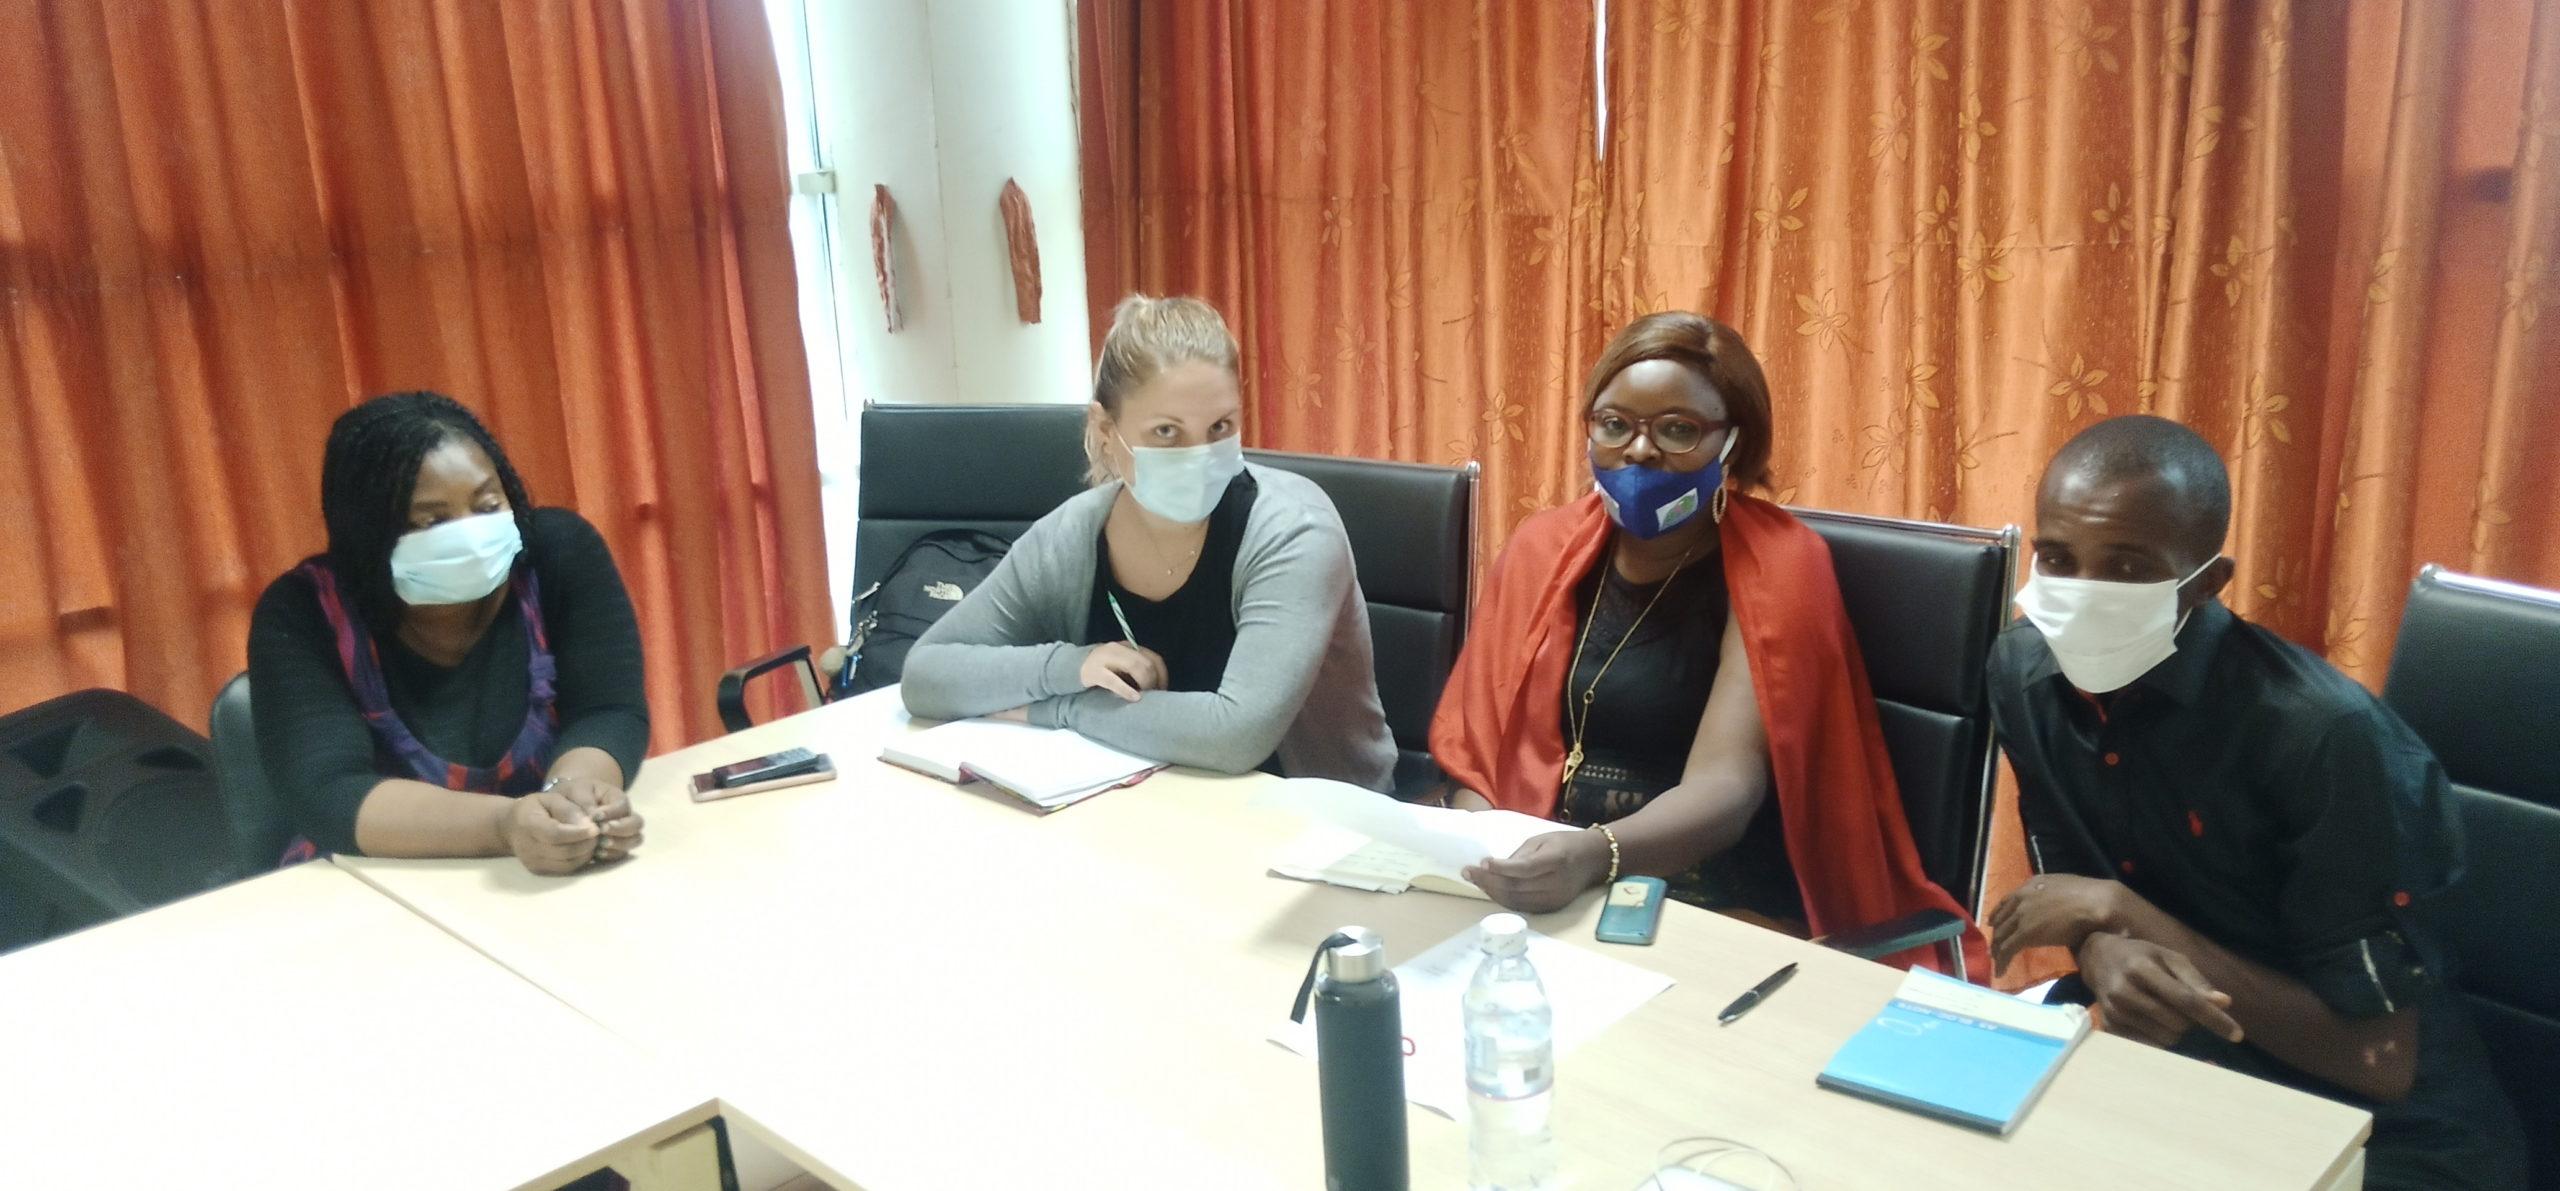 Centrafrique: L'Unicef s'engage de plus en plus dans la protection  et la lutte contre les Exploitations et Abus Sexuels (AES)